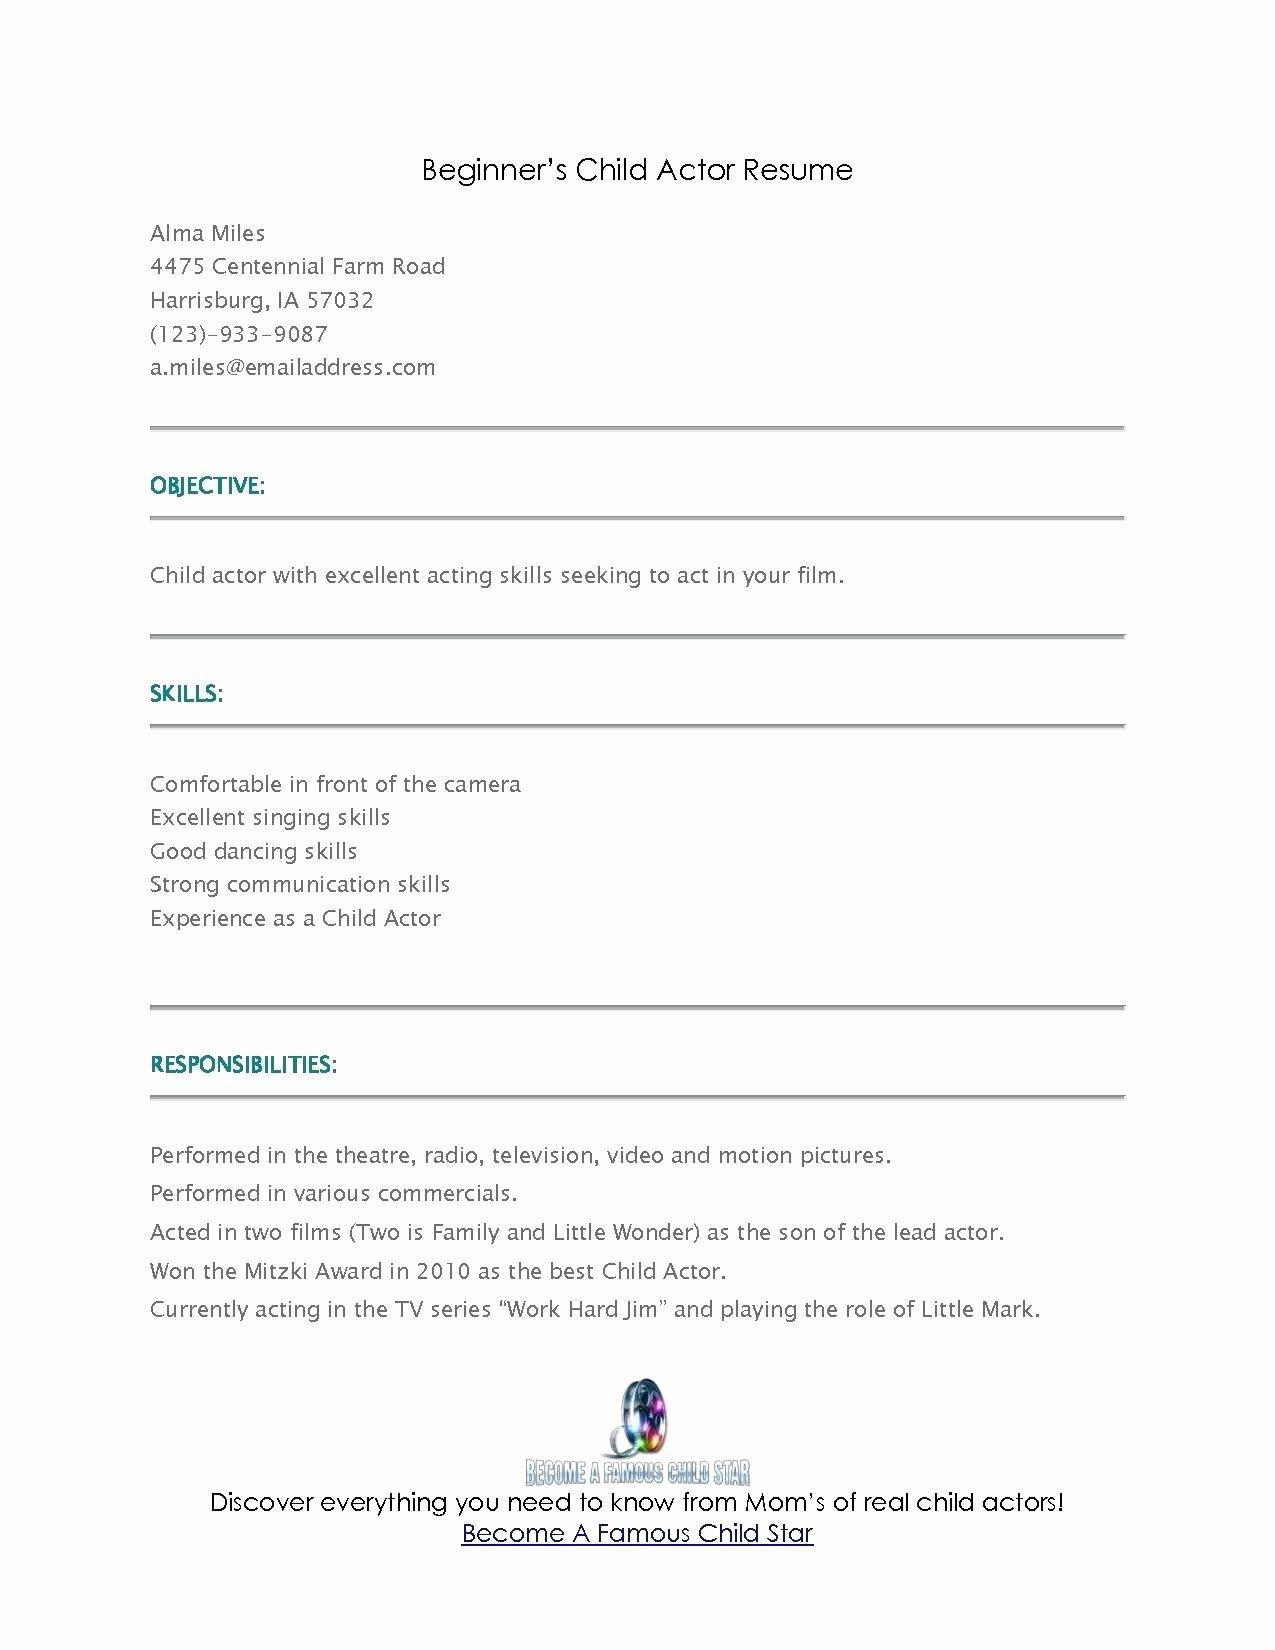 Beginner Acting Resume Template Lovely Resume Beginner Resume